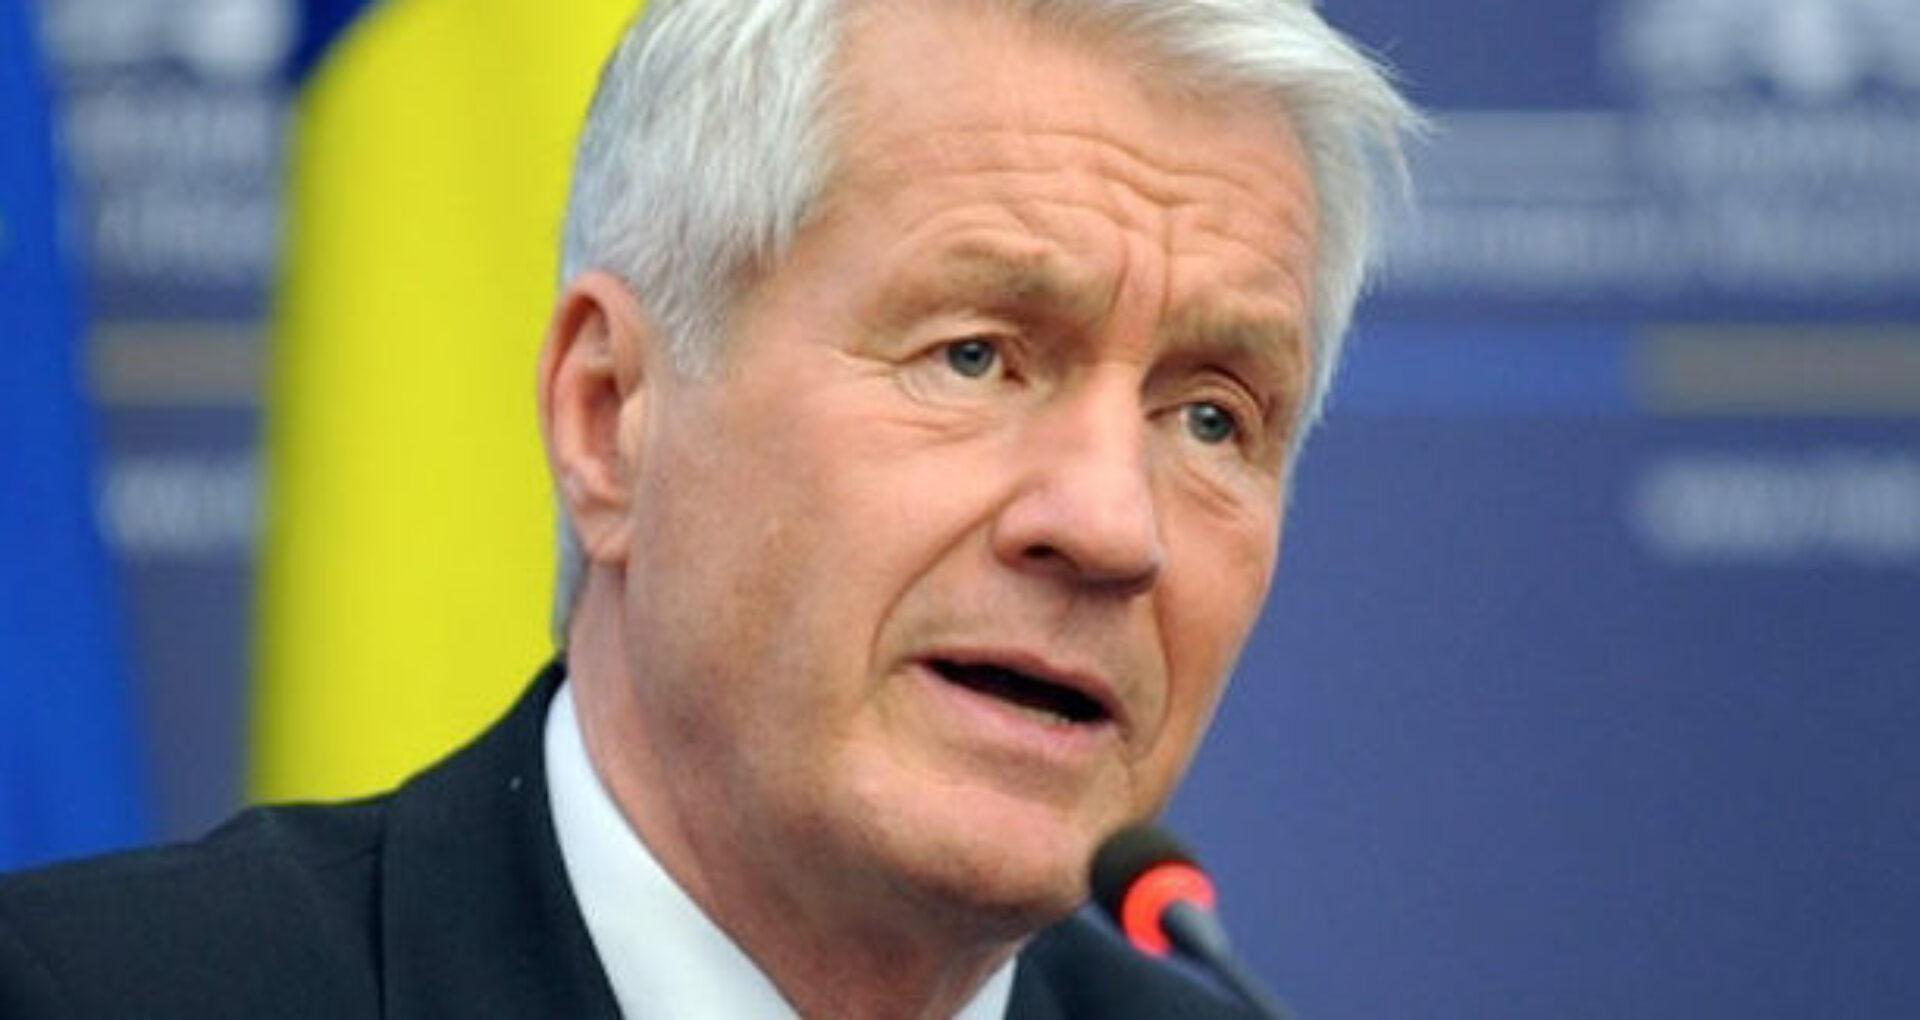 Care a fost, de fapt, subiectul discuției dintre Plahotniuc și secretarul general al Consiliului Europei?